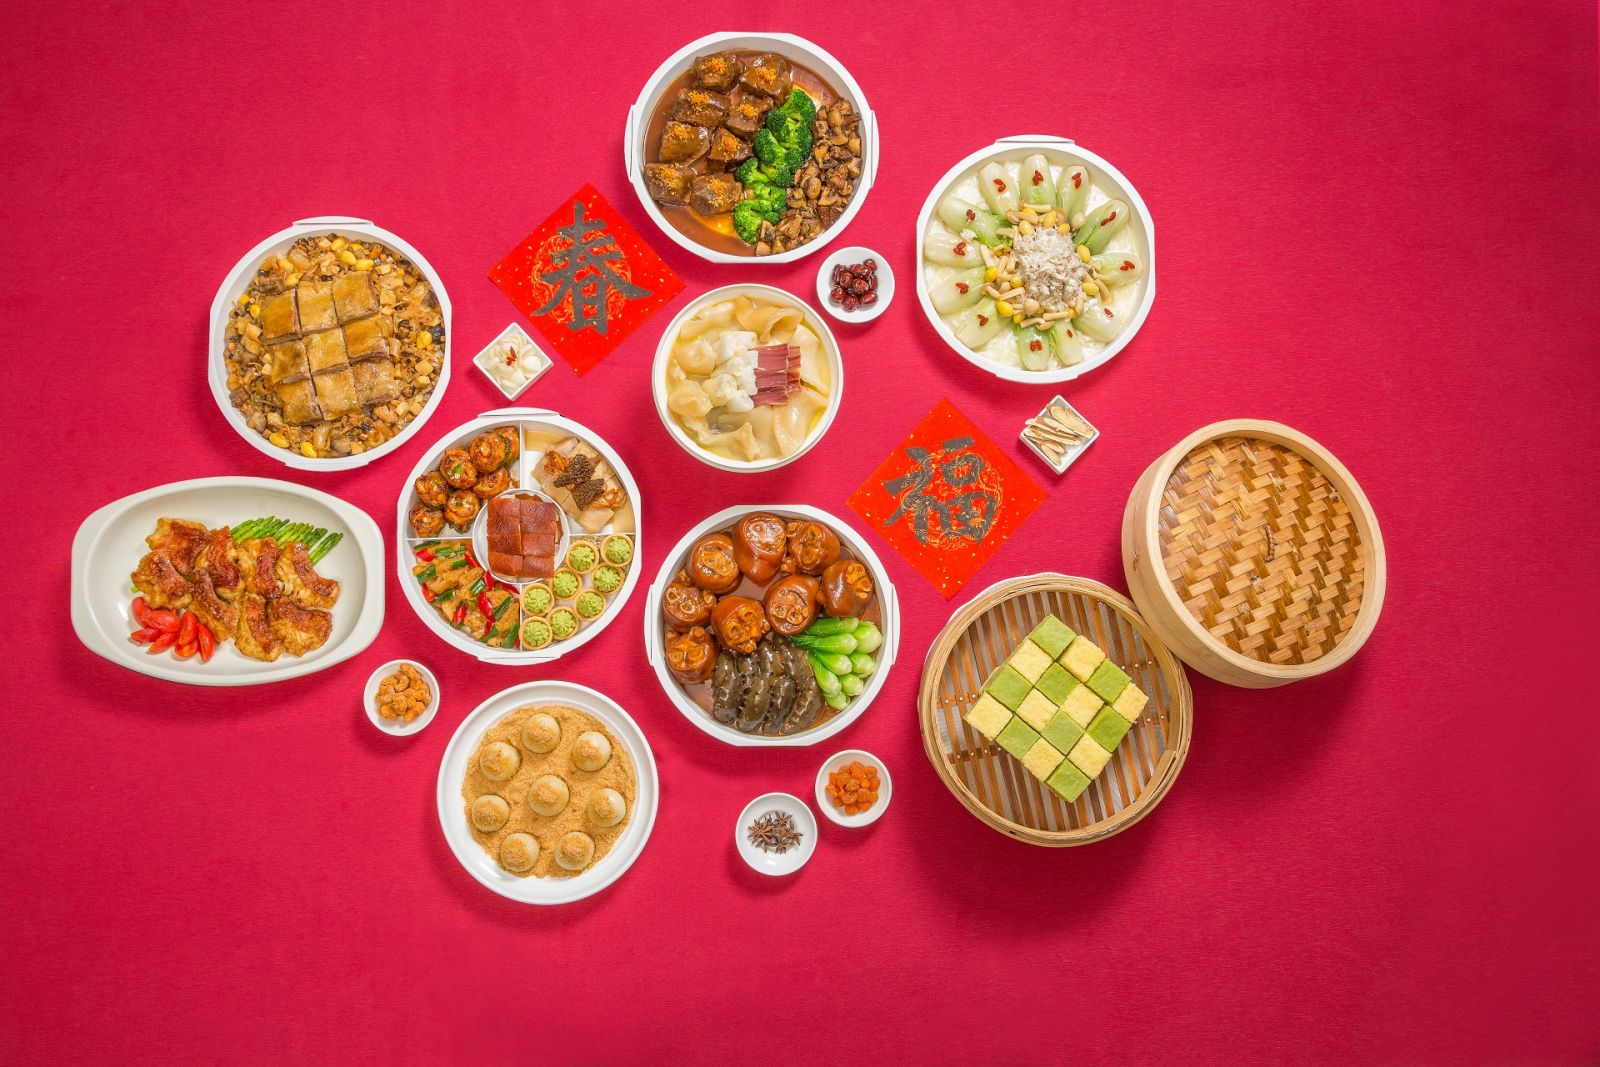 【外帶年菜】台北國賓玉犬呈祥展宏猷 精選外帶年菜與年節禮盒